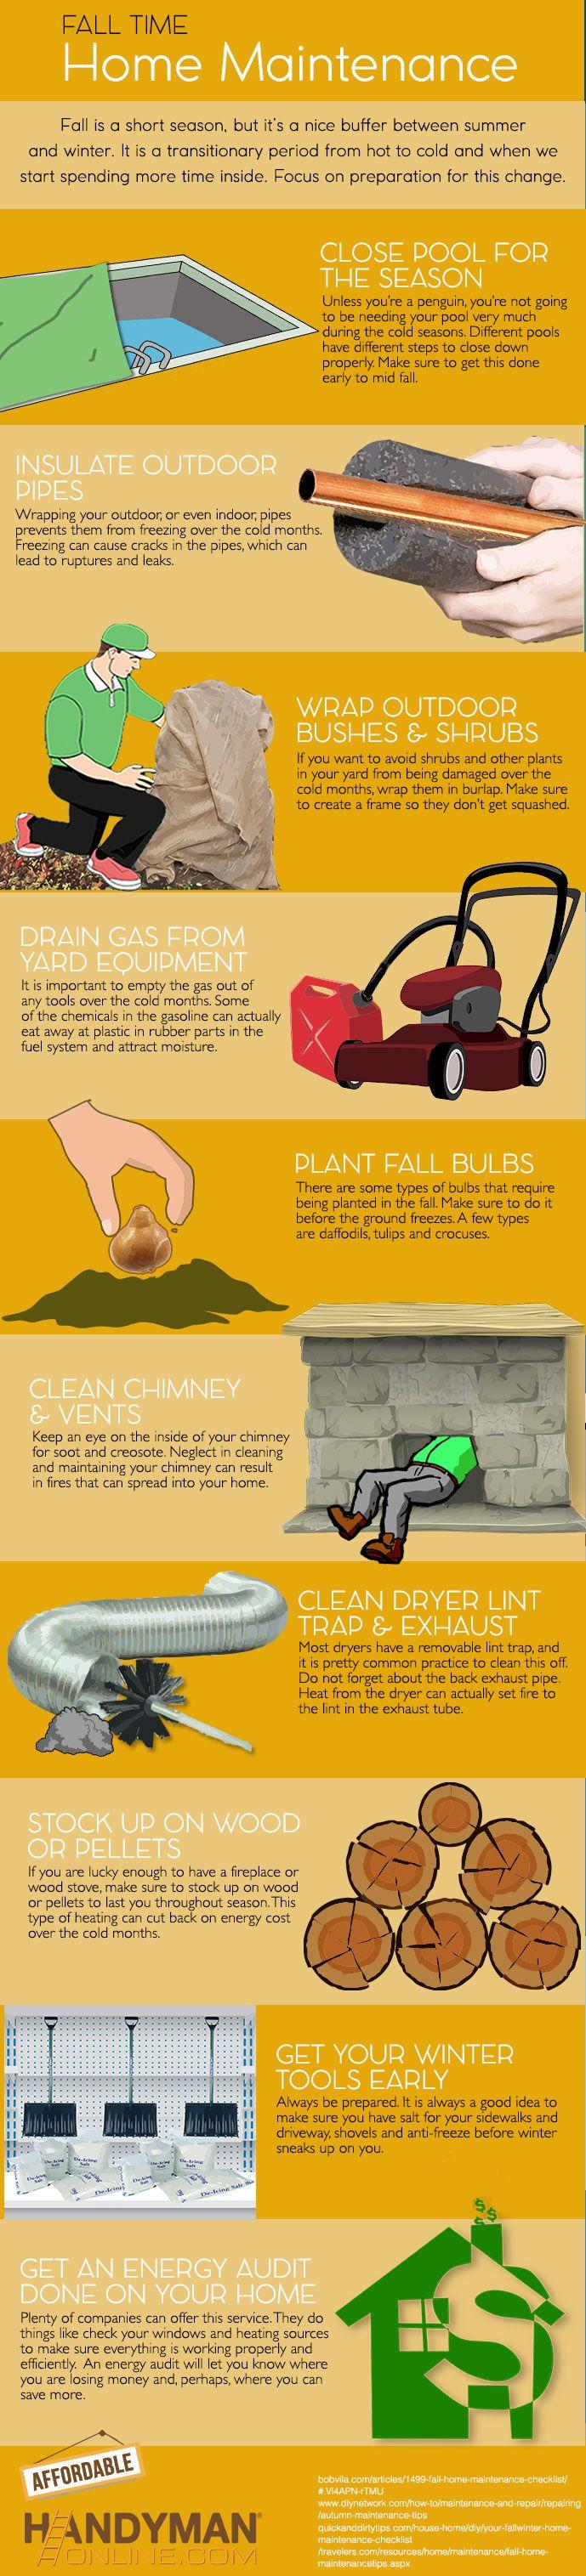 Photo of Checkliste für die Wartung zu Hause